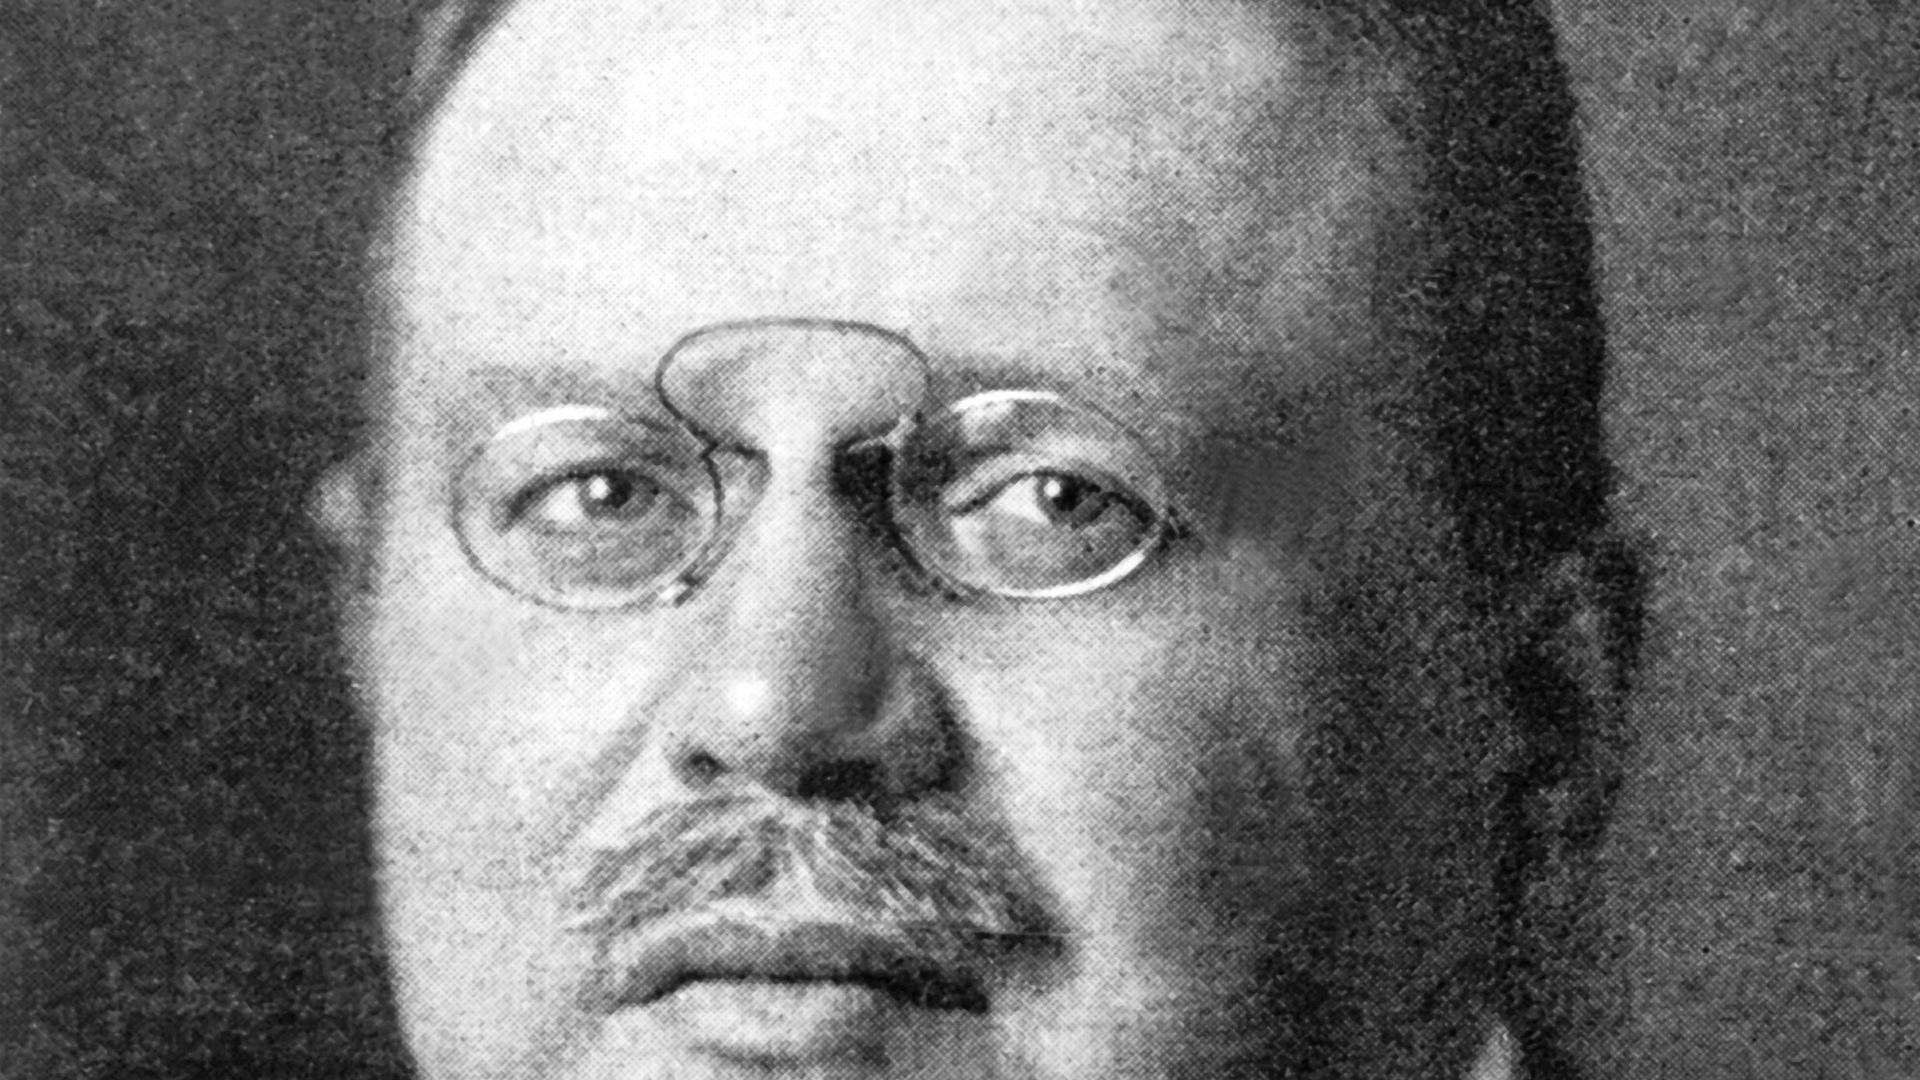 Der deutsche Politiker Matthias Erzberger in einer undatierten Aufnahme. Der große Politiker der Weimarer Republik begann und beendete sein Leben in Baden-Württemberg.